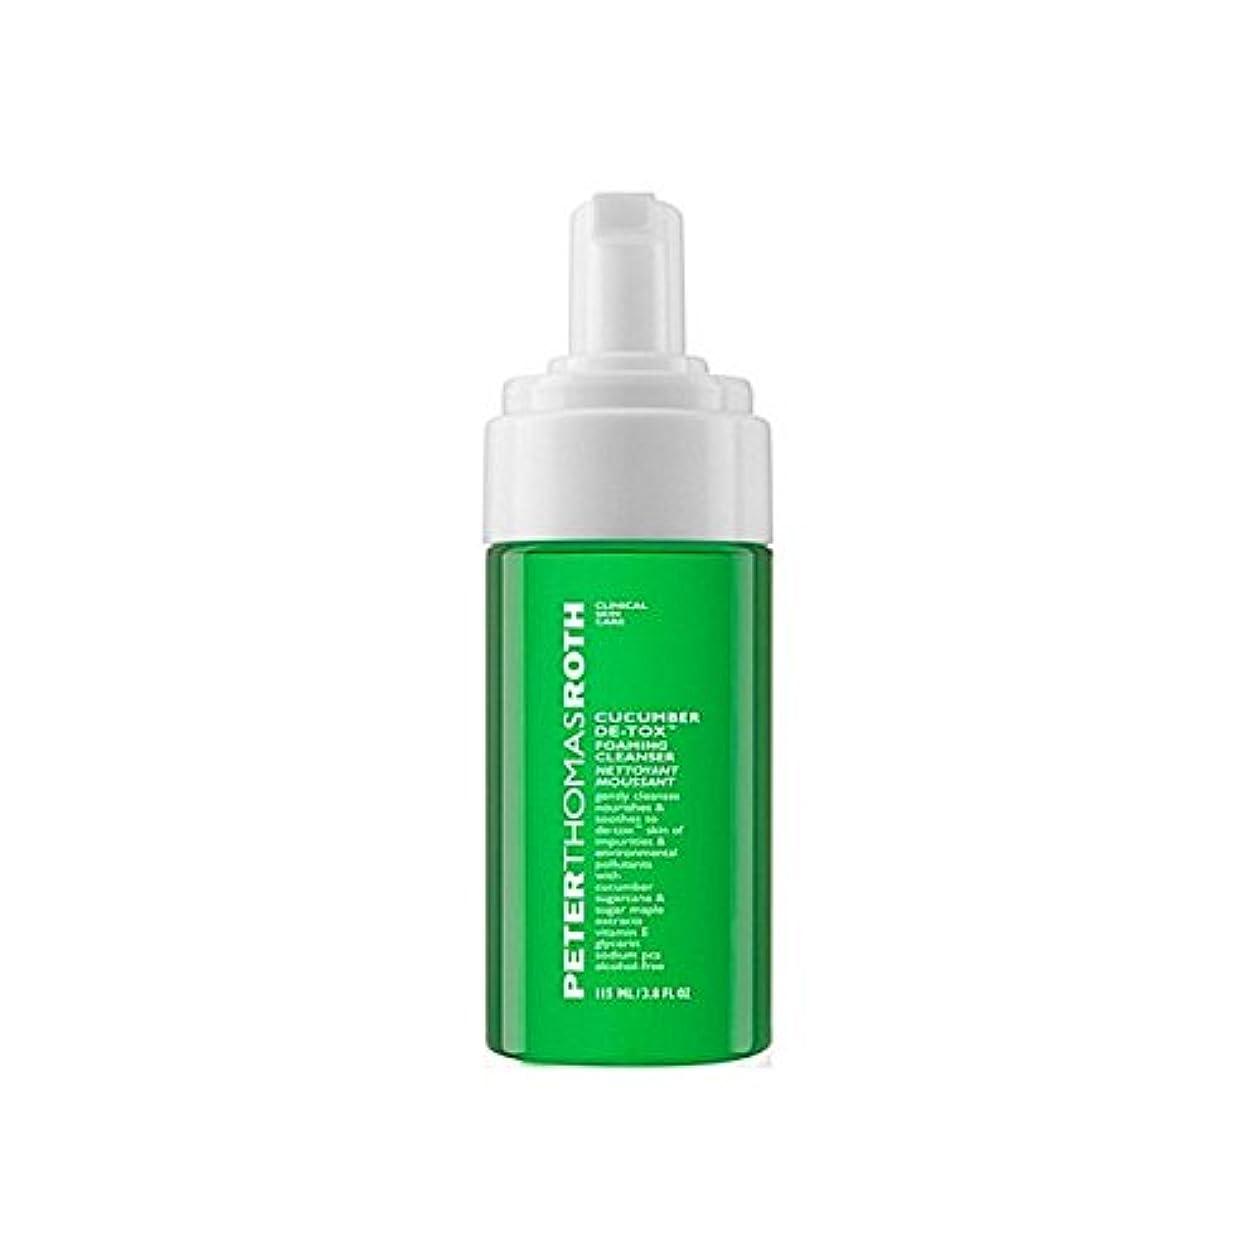 エンターテインメントスライムやろうピータートーマスロスキュウリデ発泡クレンザー x2 - Peter Thomas Roth Cucumber De-Tox Foaming Cleanser (Pack of 2) [並行輸入品]